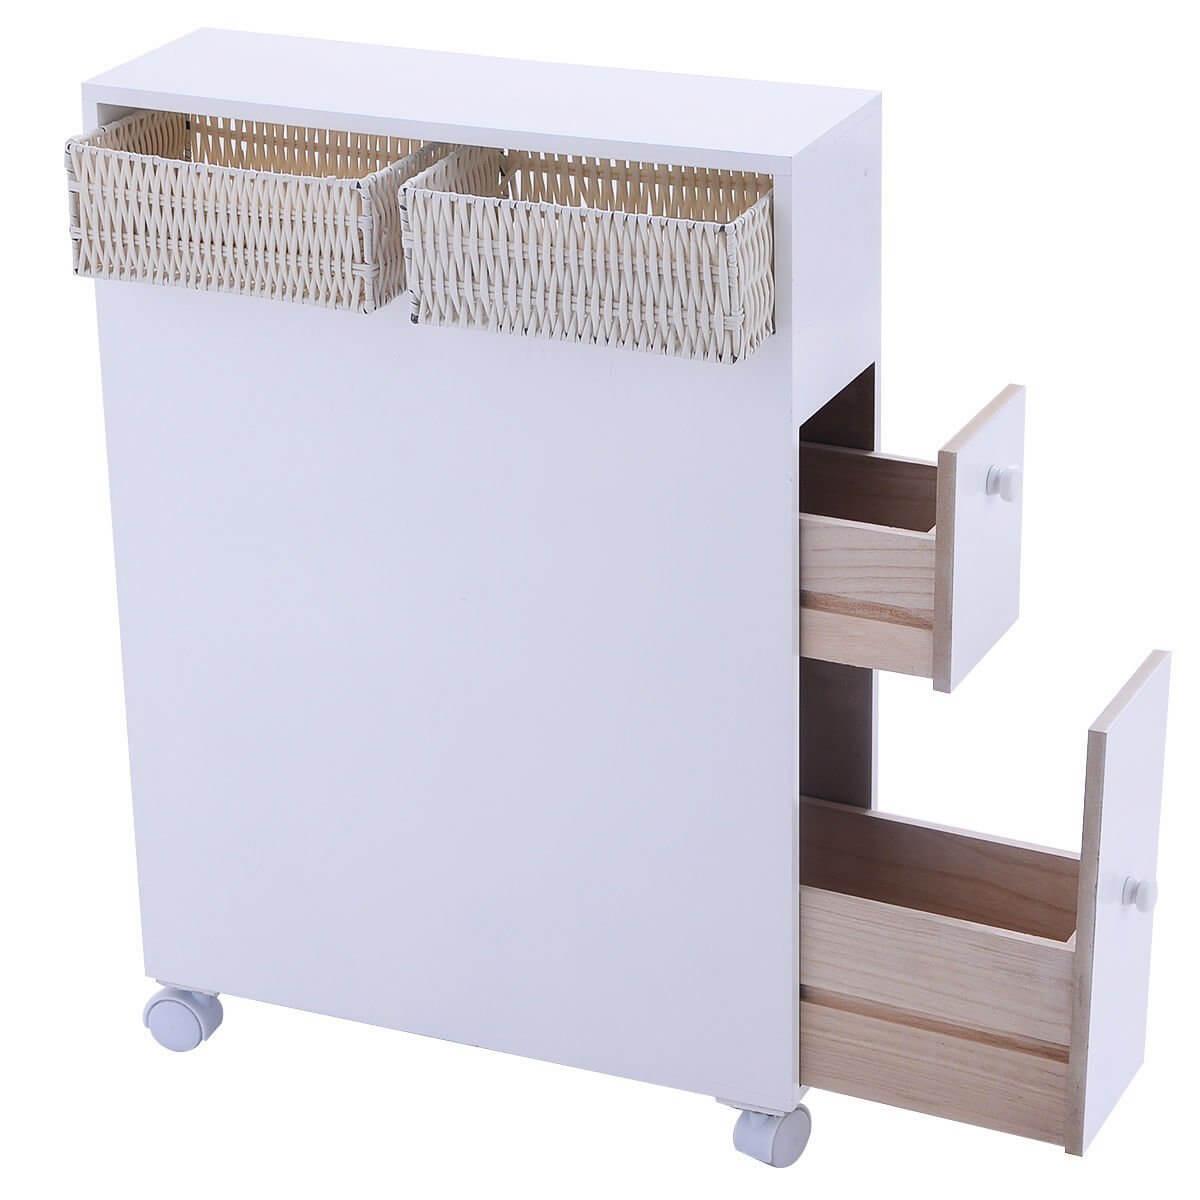 Support de meuble roulant de rangement pour salle de bain Tangkula